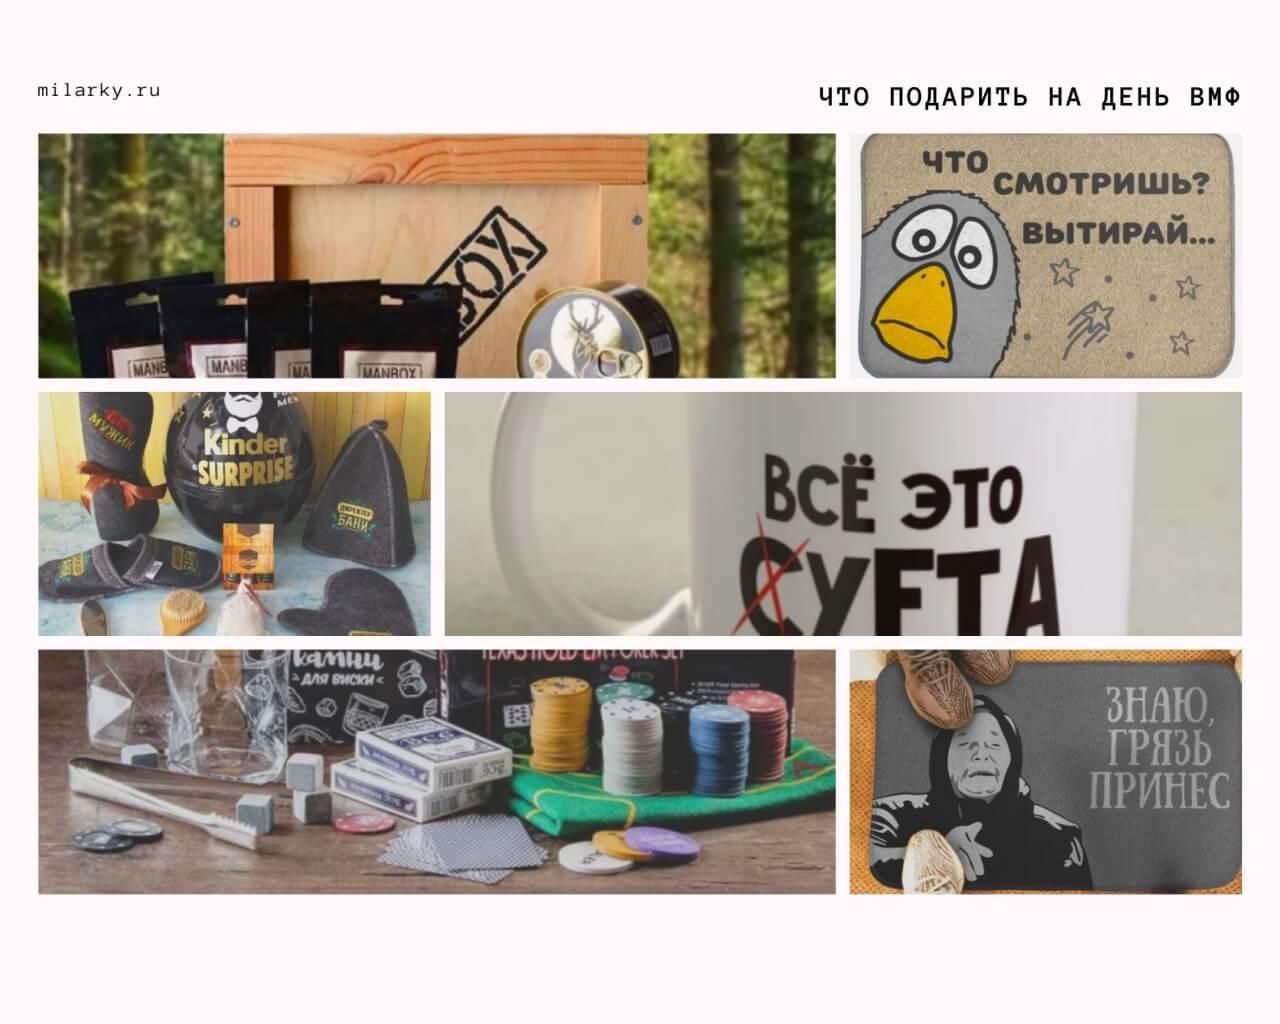 фото: 25 июля отмечается день ВМФ: идеи подарков от Milarky.ru